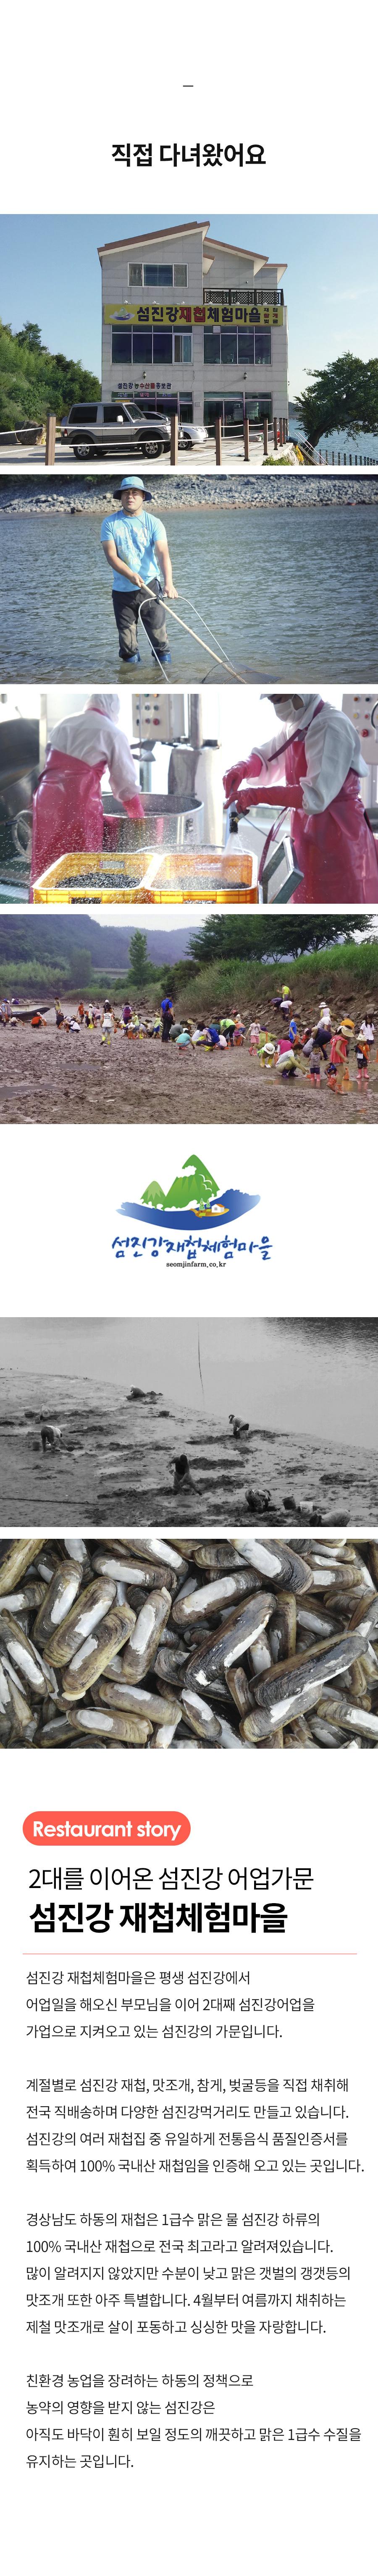 섬진강 맛조개진국